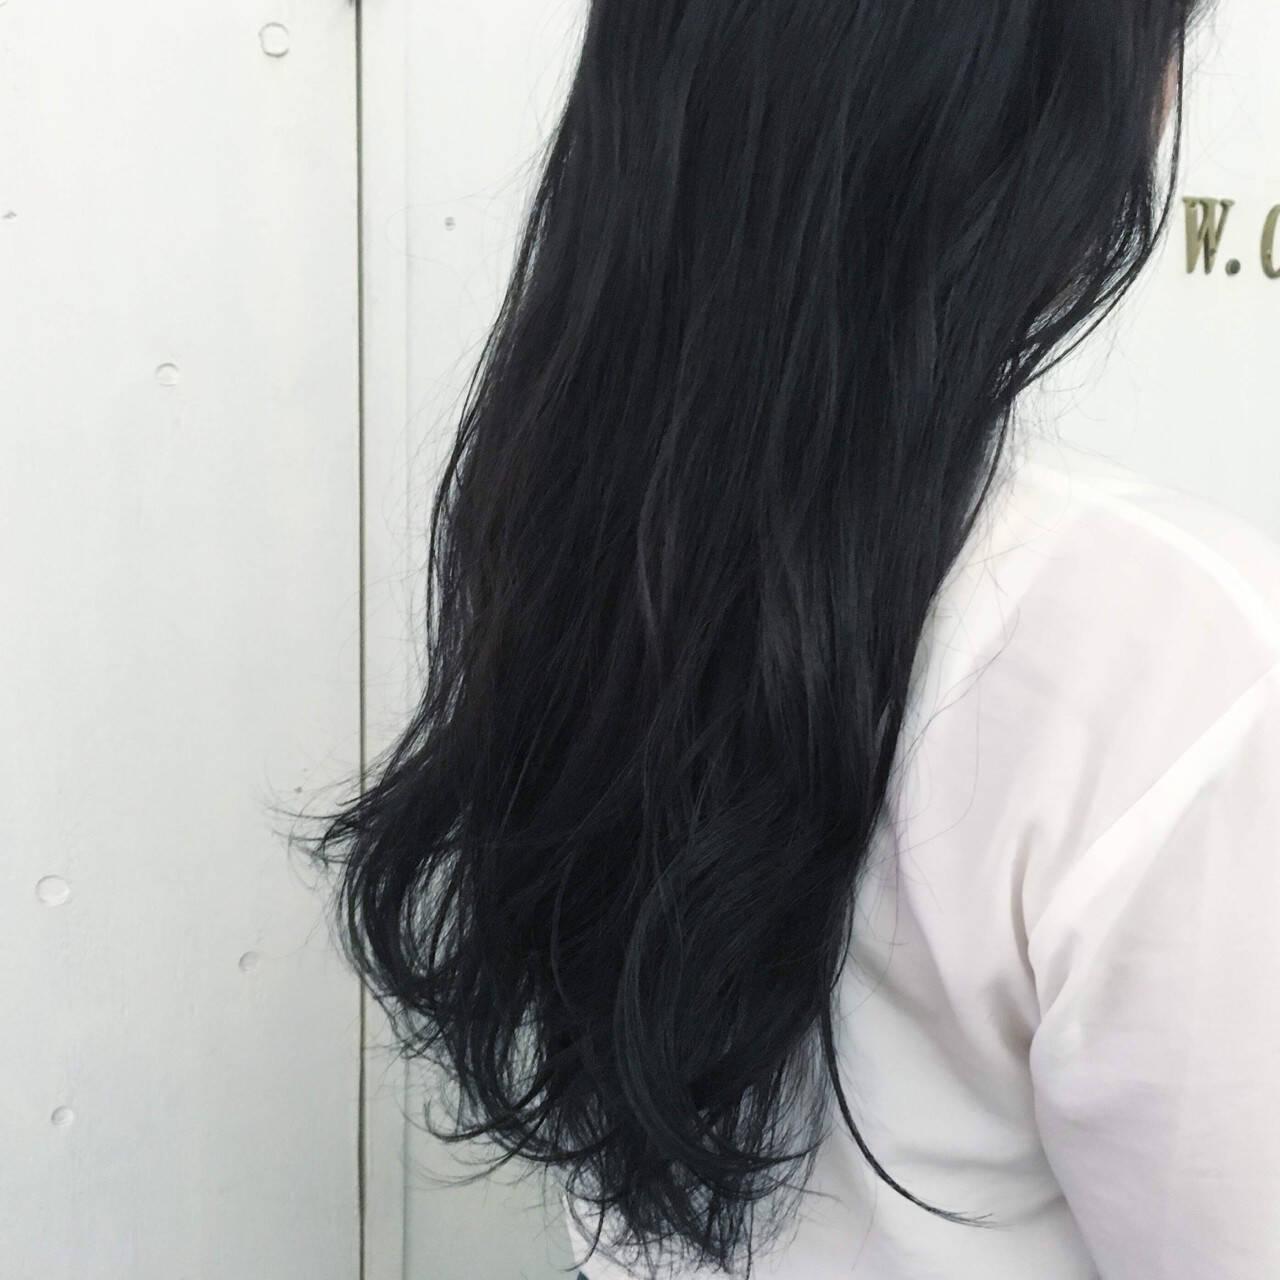 ブルージュ ブルー ロング 暗髪ヘアスタイルや髪型の写真・画像